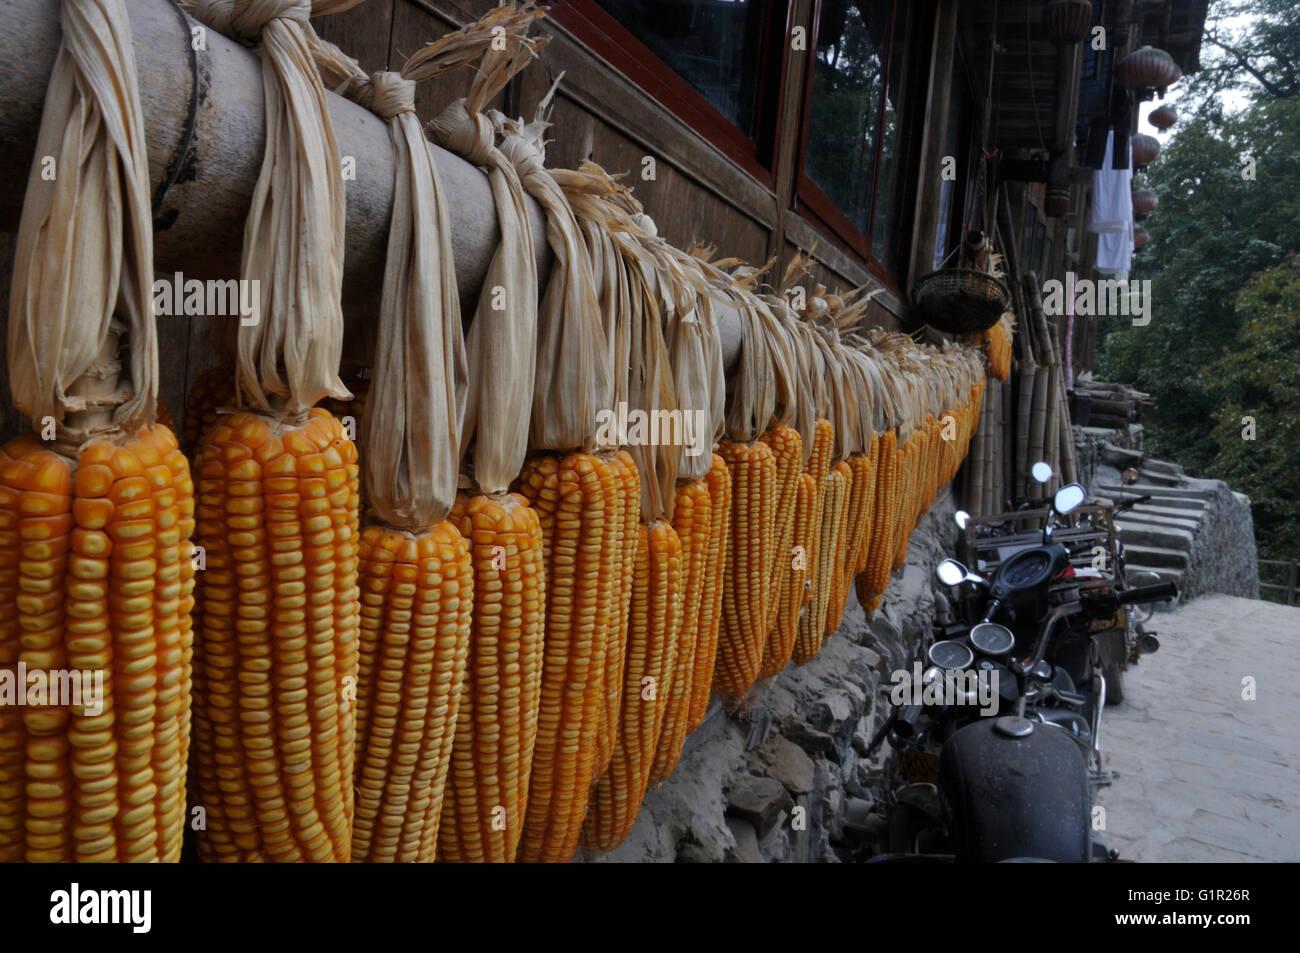 Le séchage du maïs d'automne dans la région de Ping'an, Guangxi, Chine Photo Stock